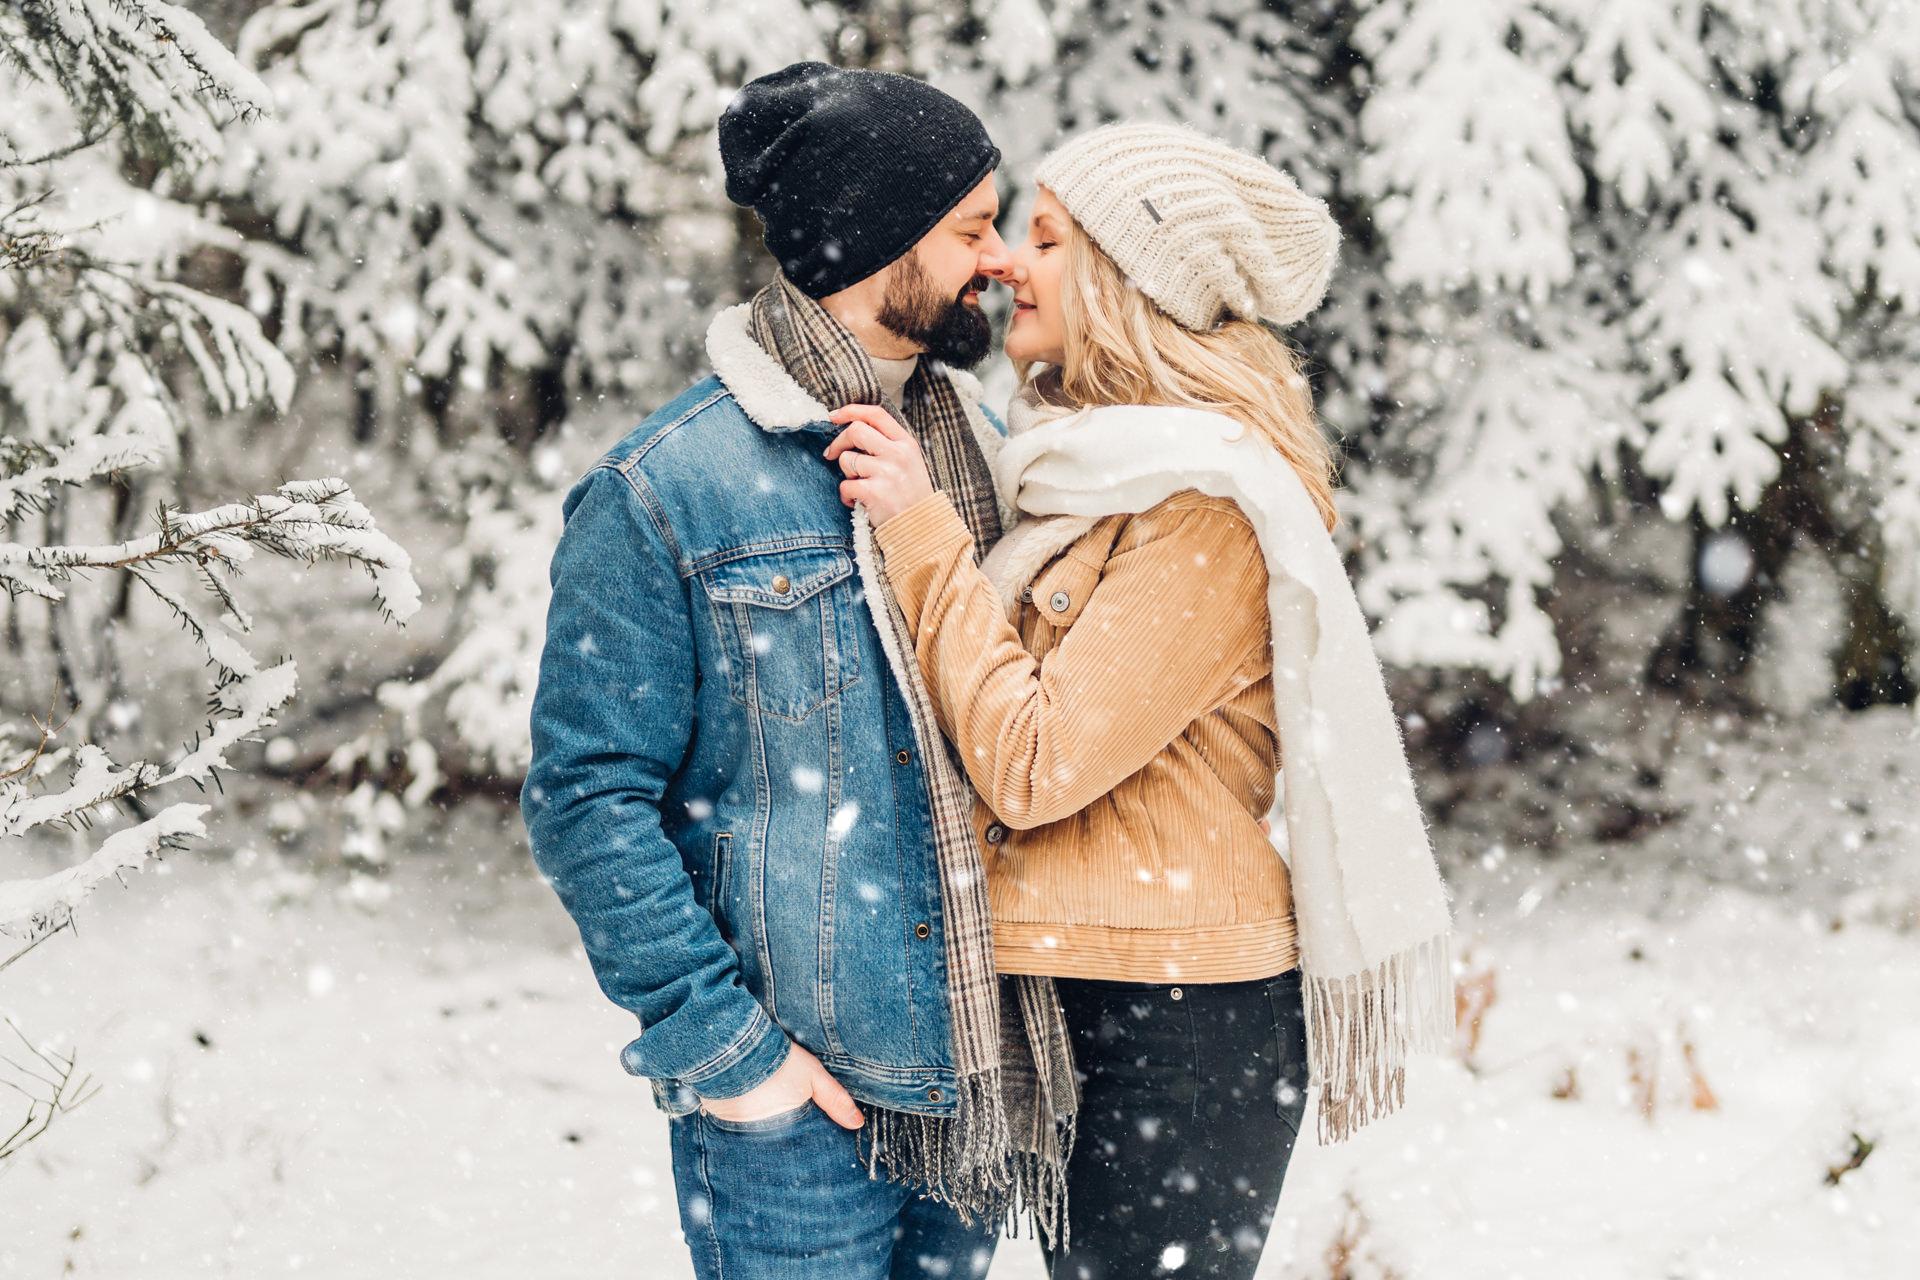 Liebesshooting im Winter im Schnee